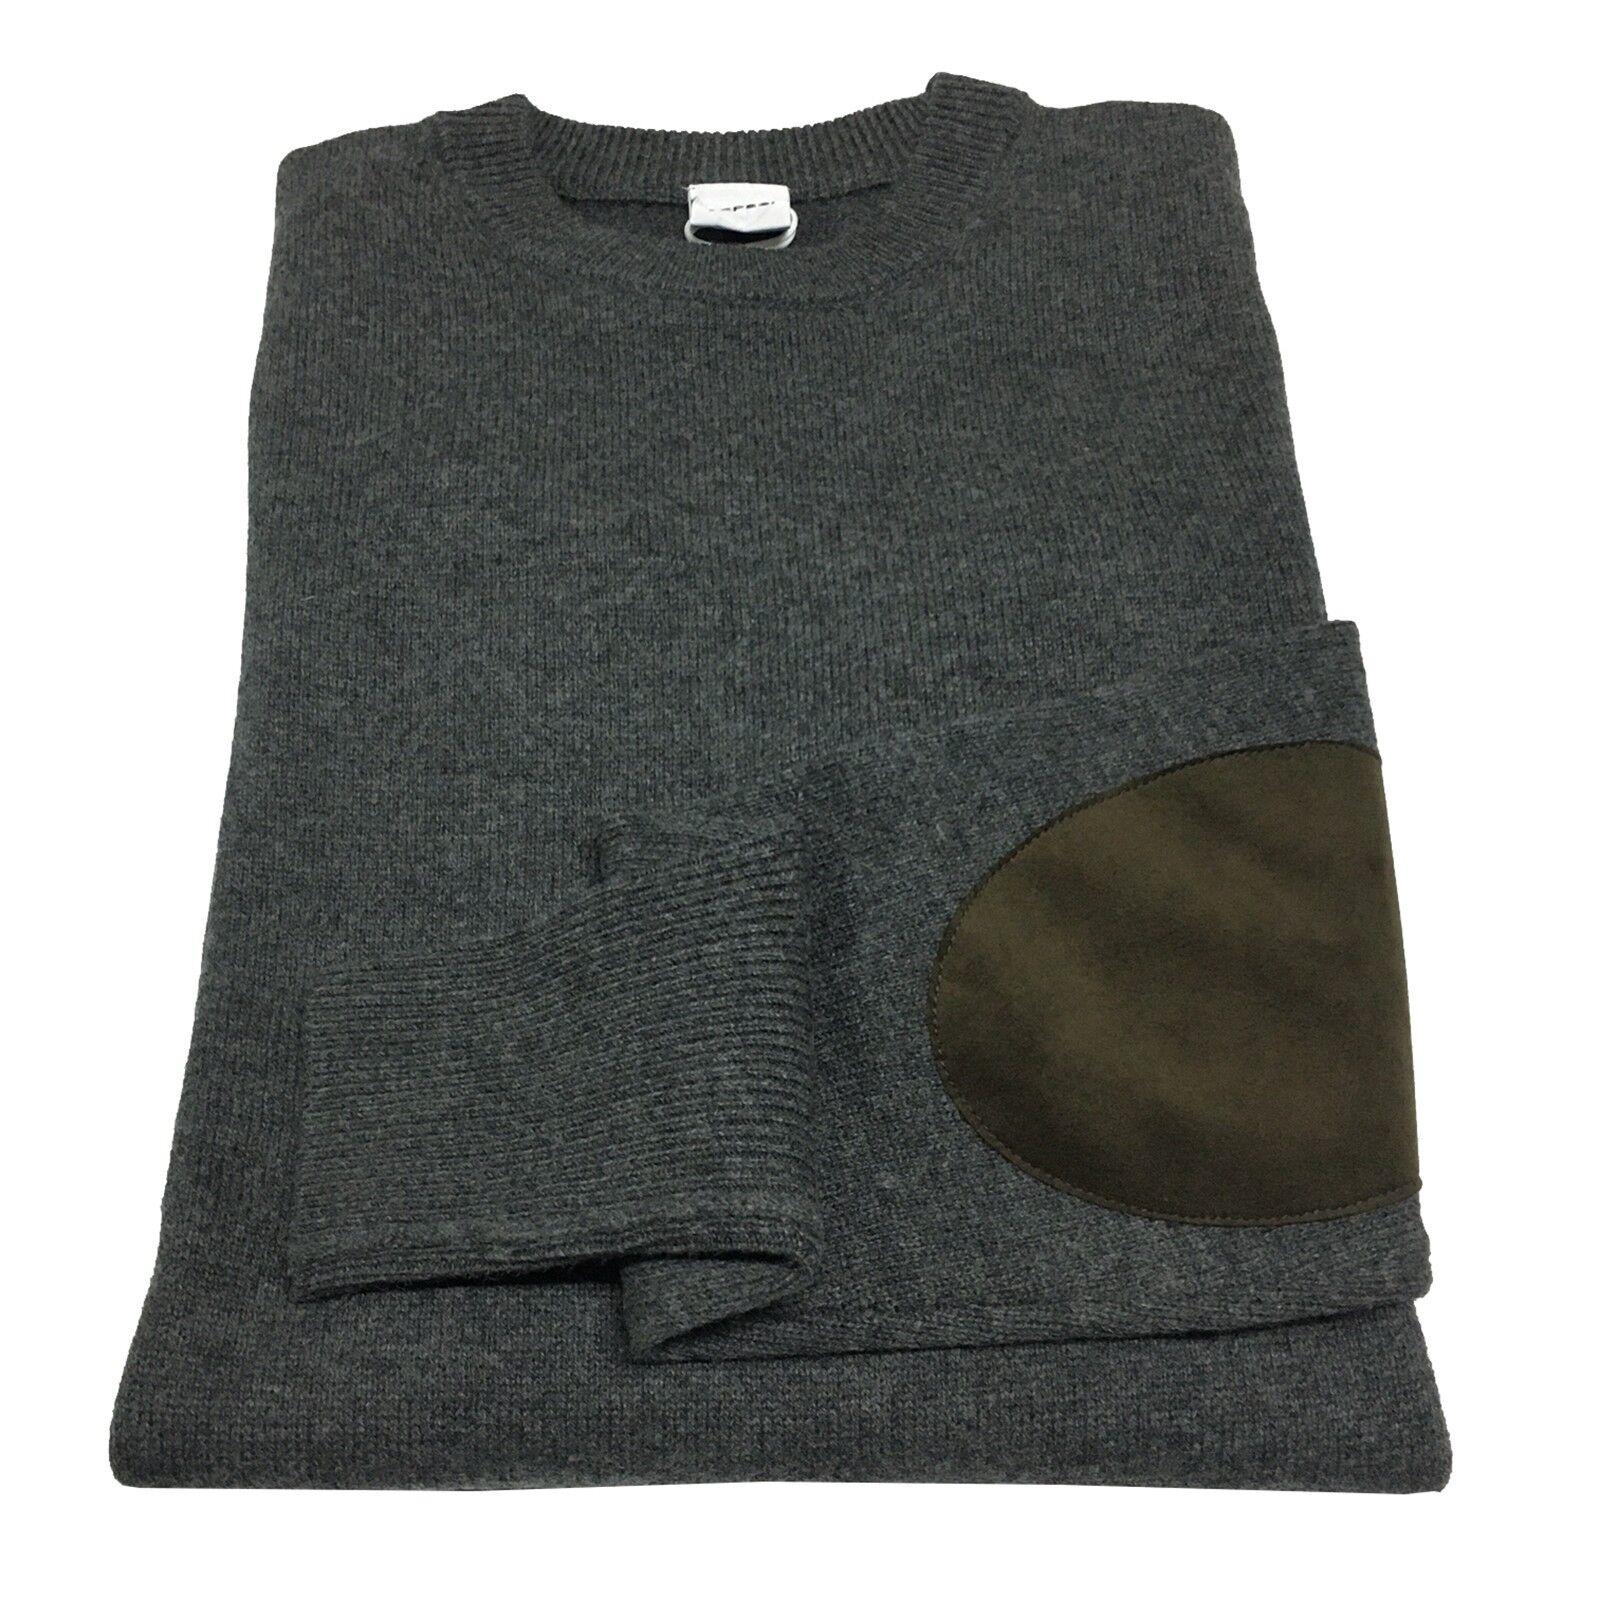 ASPESI maglia uomo grigio mélange con toppe in alcantara moro M174 3965 100%lana